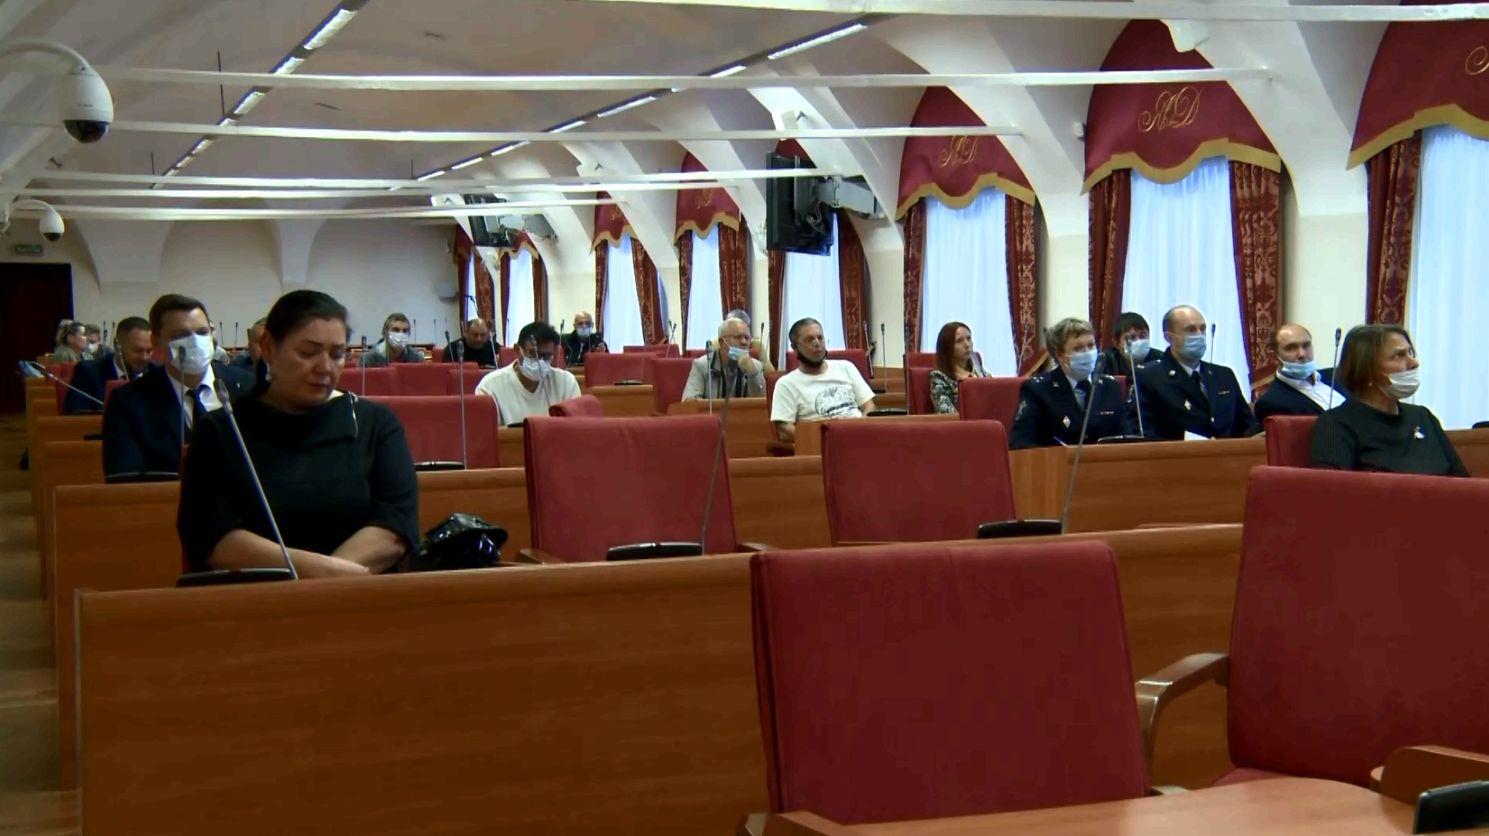 Проблемы обманутых дольщиков стали темой обсуждения заседания рабочей группы в Ярославской областной Думе